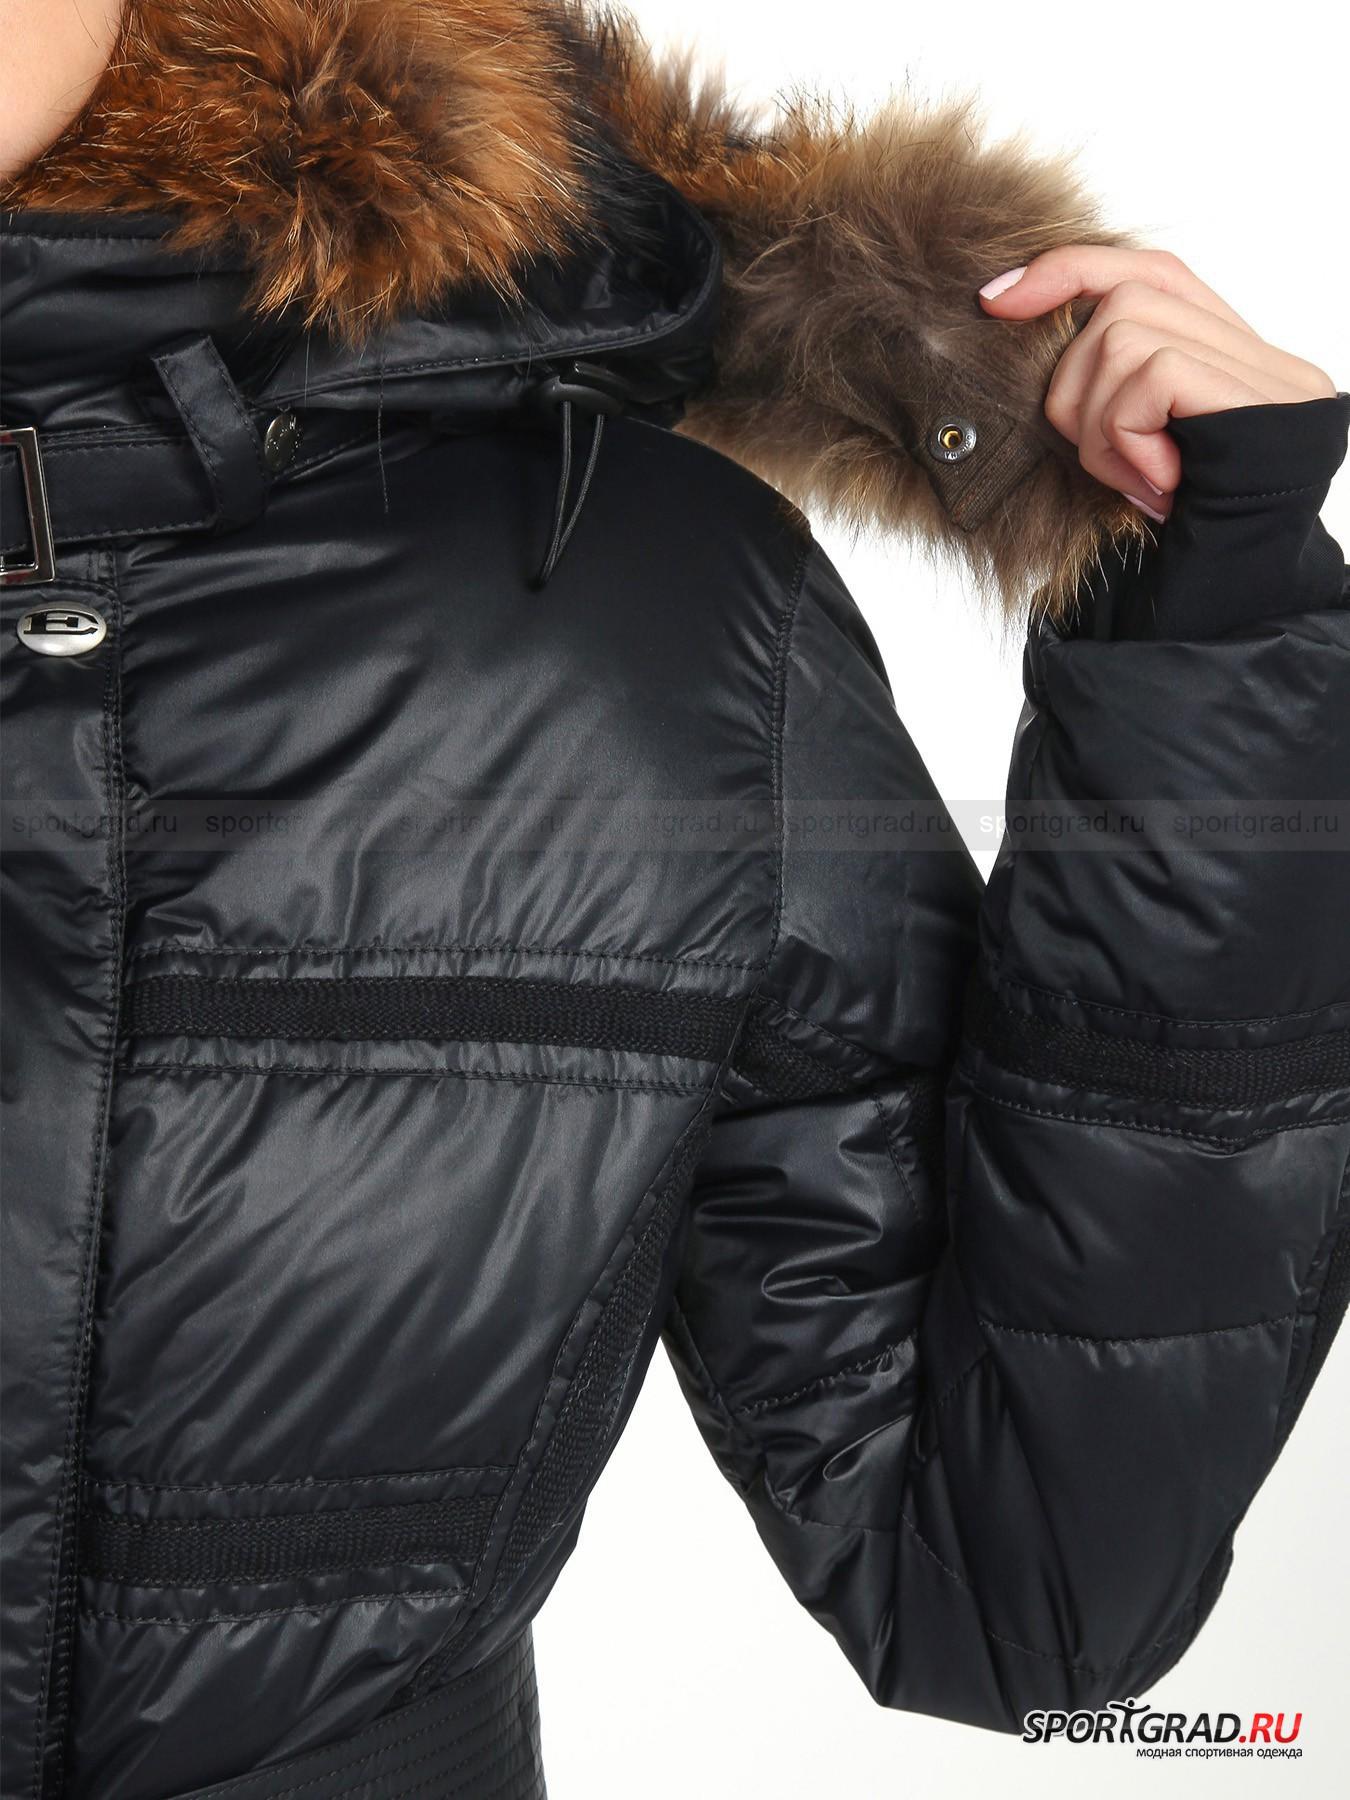 Пальто пуховое женское с мехом JORDANP EMMEGY от Спортград